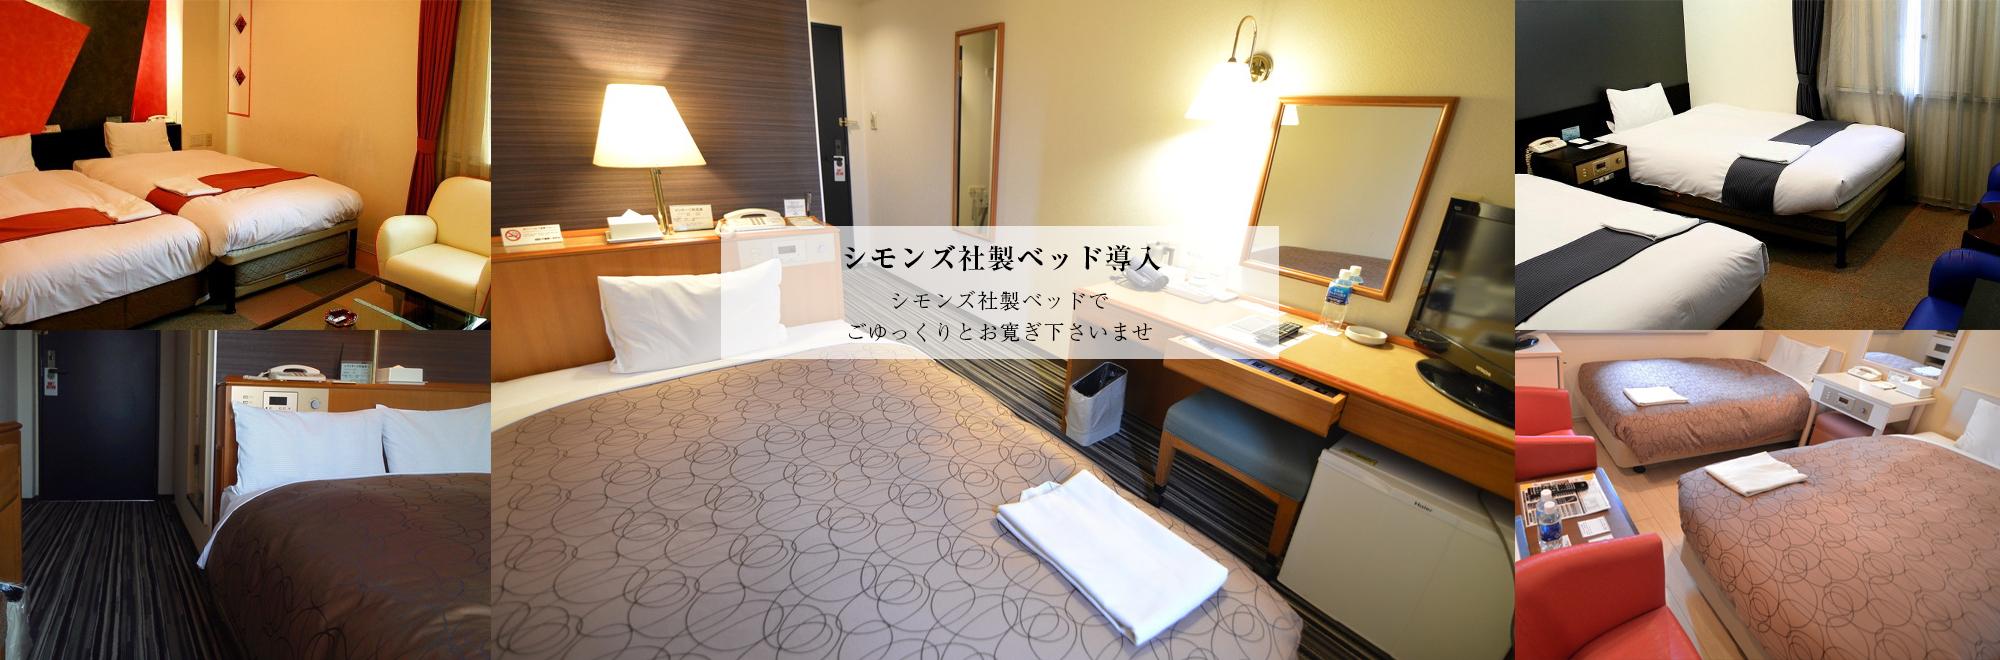 千歳第一ホテルは主要箇所へのアクセス良好。新千歳空港からタクシーで約10分、札幌までJRで約30分。JR千歳駅までは徒歩で6分の立地条件